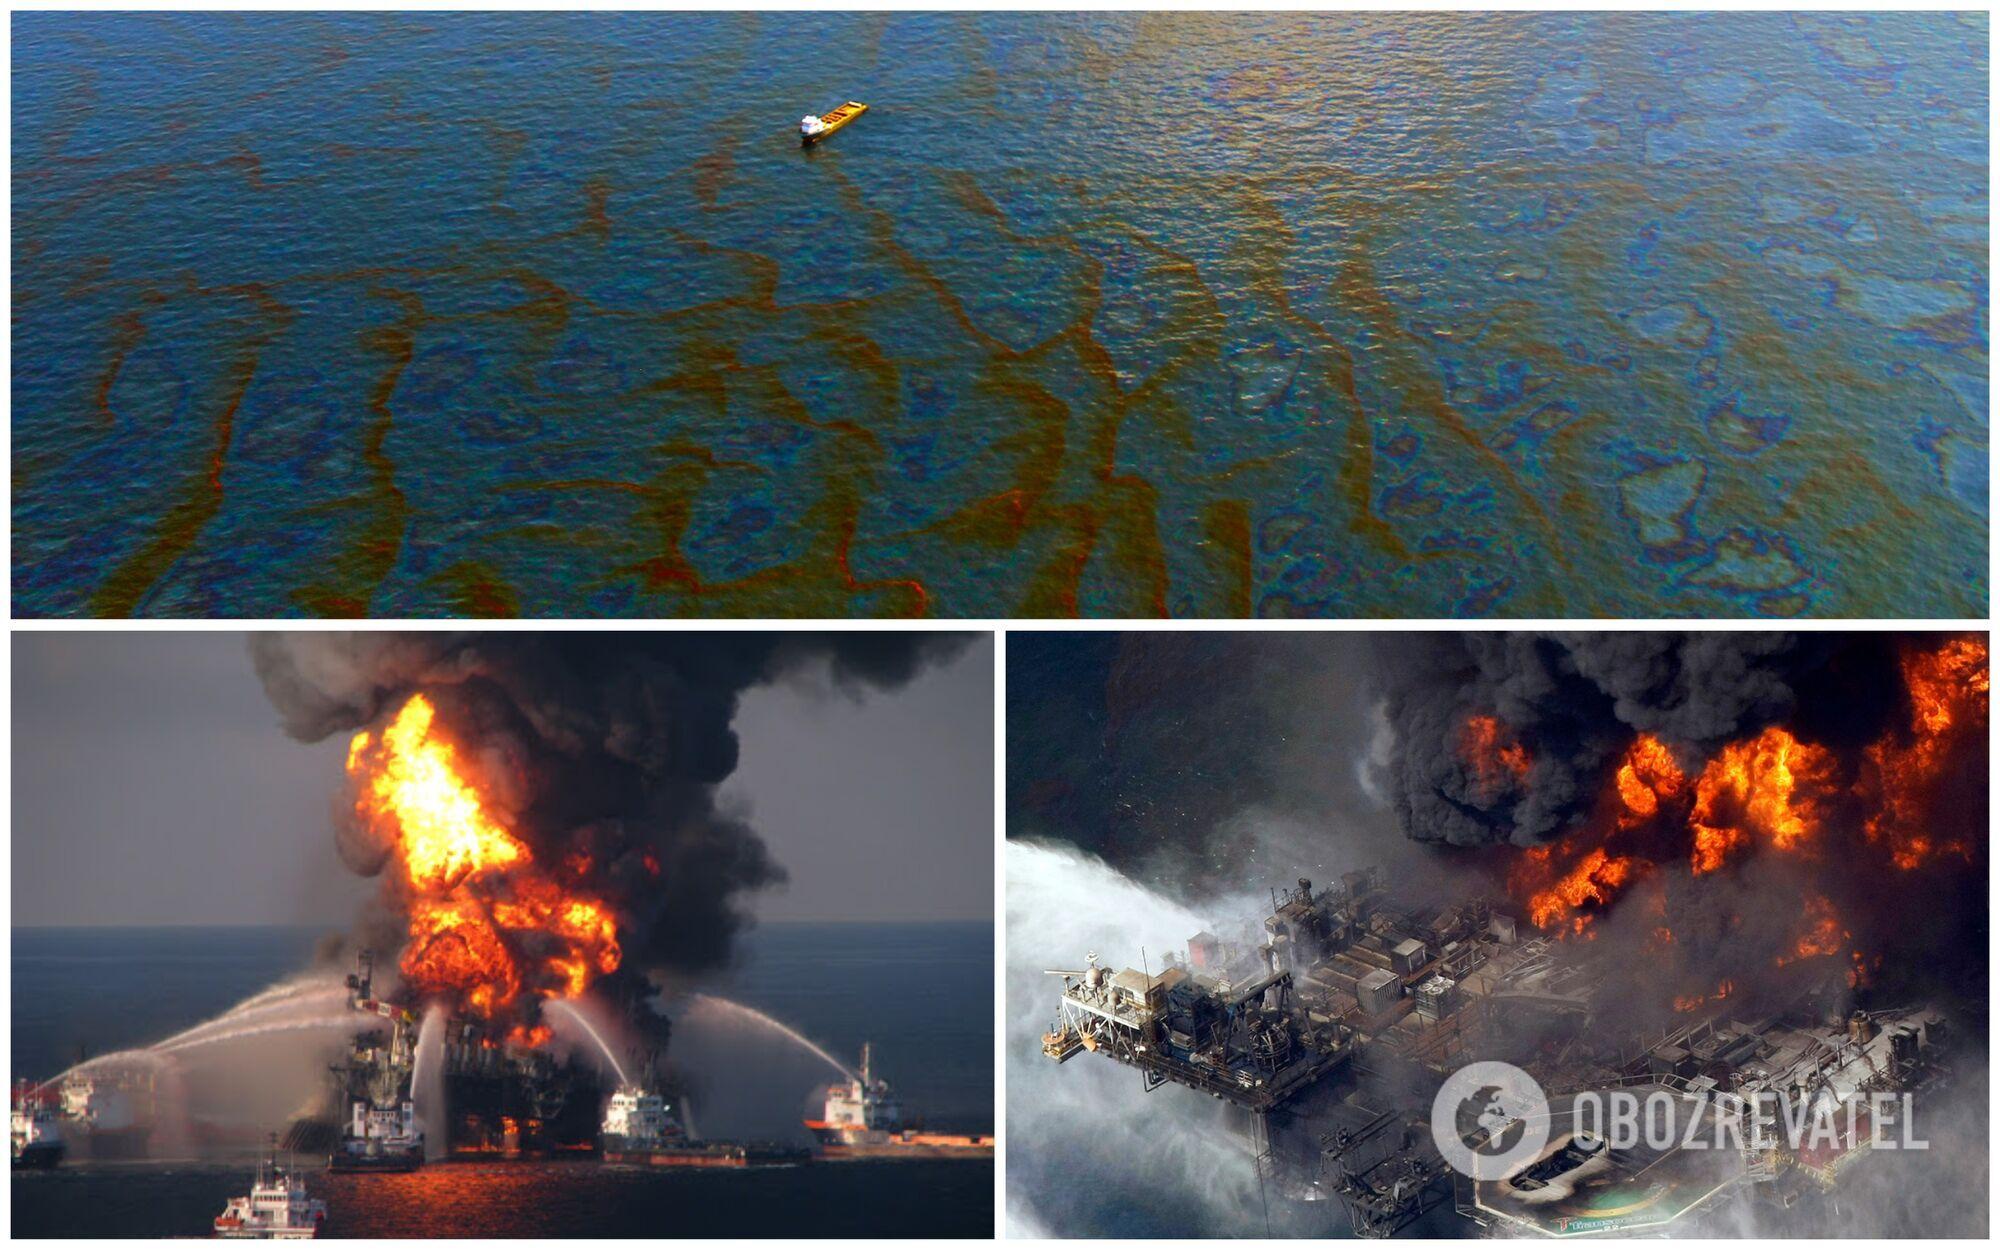 Одной из самых жутких аварий на воде считается затопление нефтяной платформы Deepwater Horizon